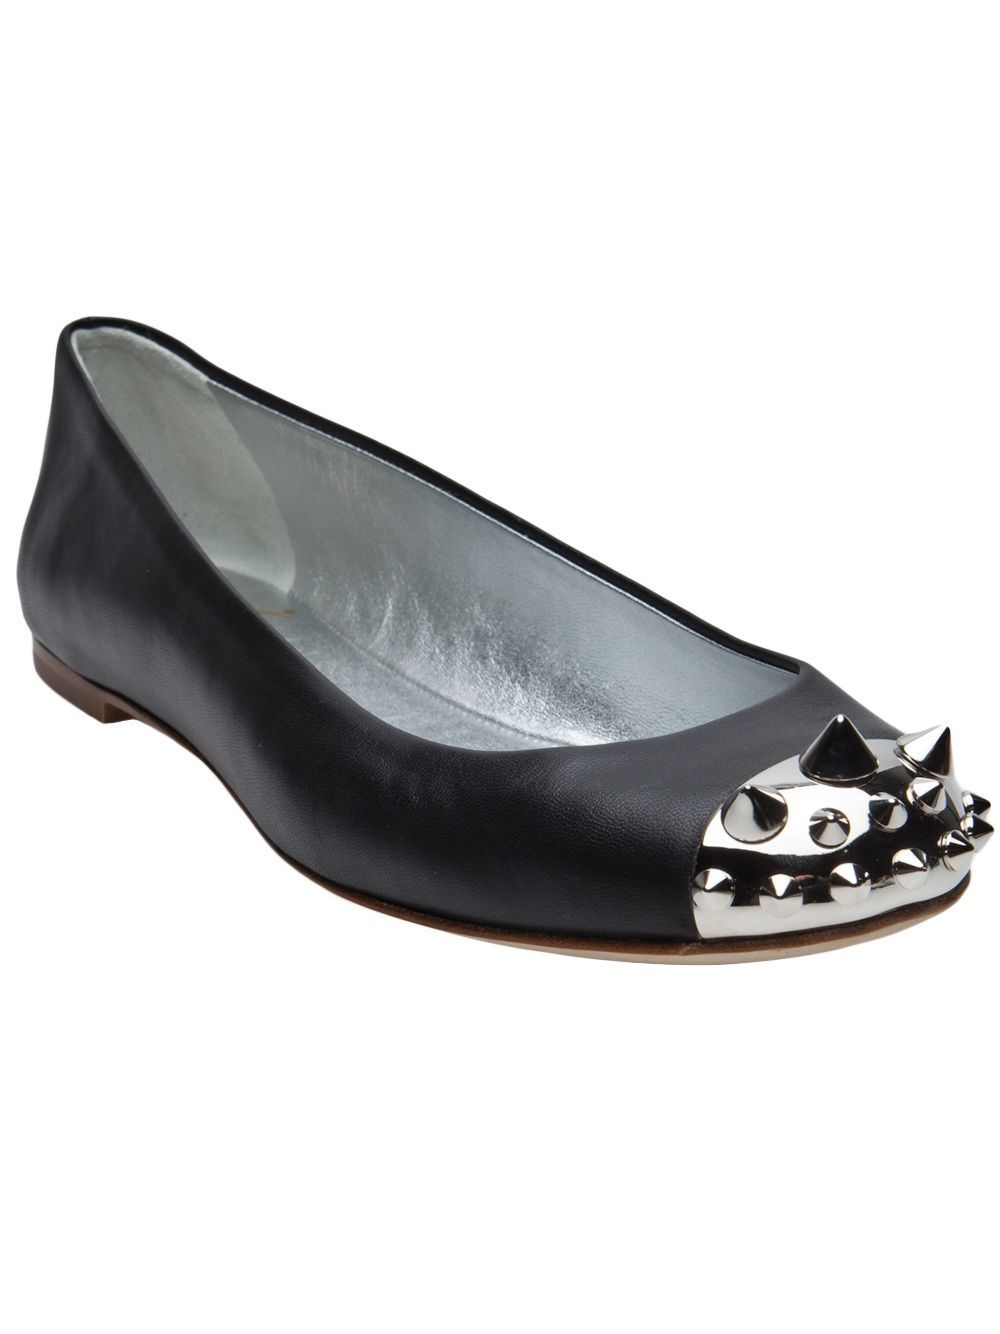 2f94df783de GIUSEPPE ZANOTTI Spike Cap Toe Flat Hu s Shoes - Washington D.C. farfetch.com   GiuseppezanottiHeels